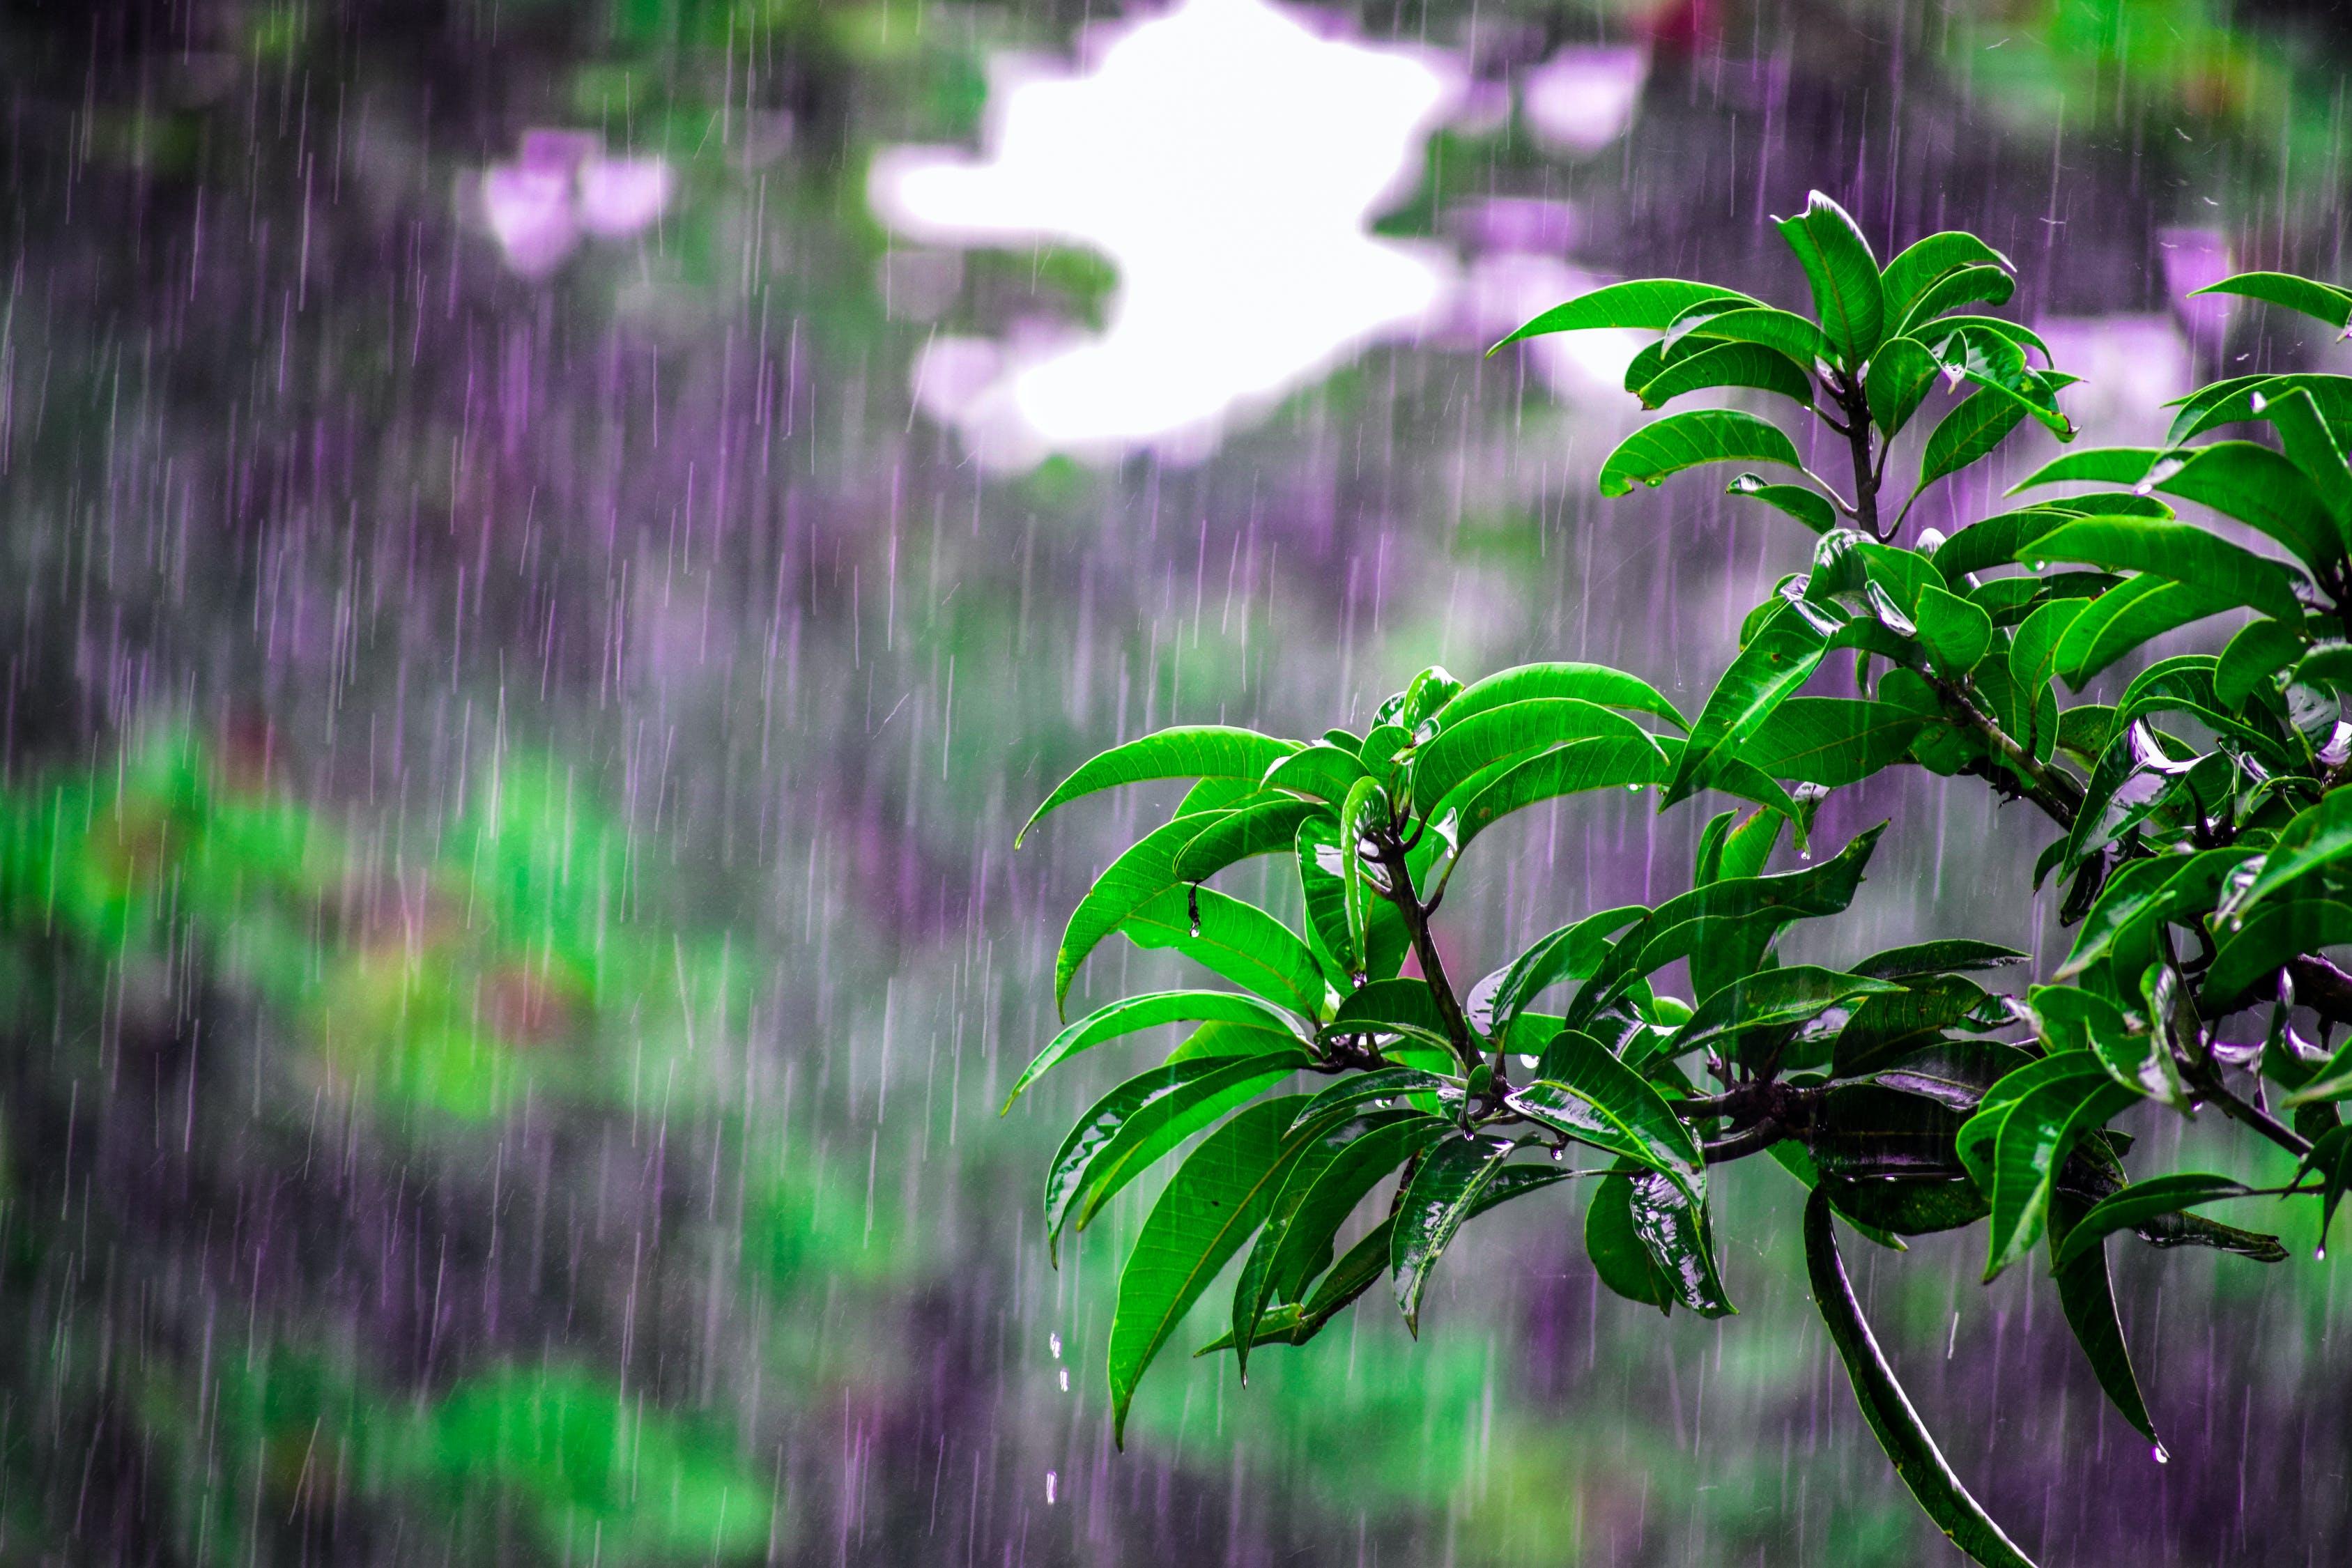 清明时节为什么总是雨纷纷?因为它特殊